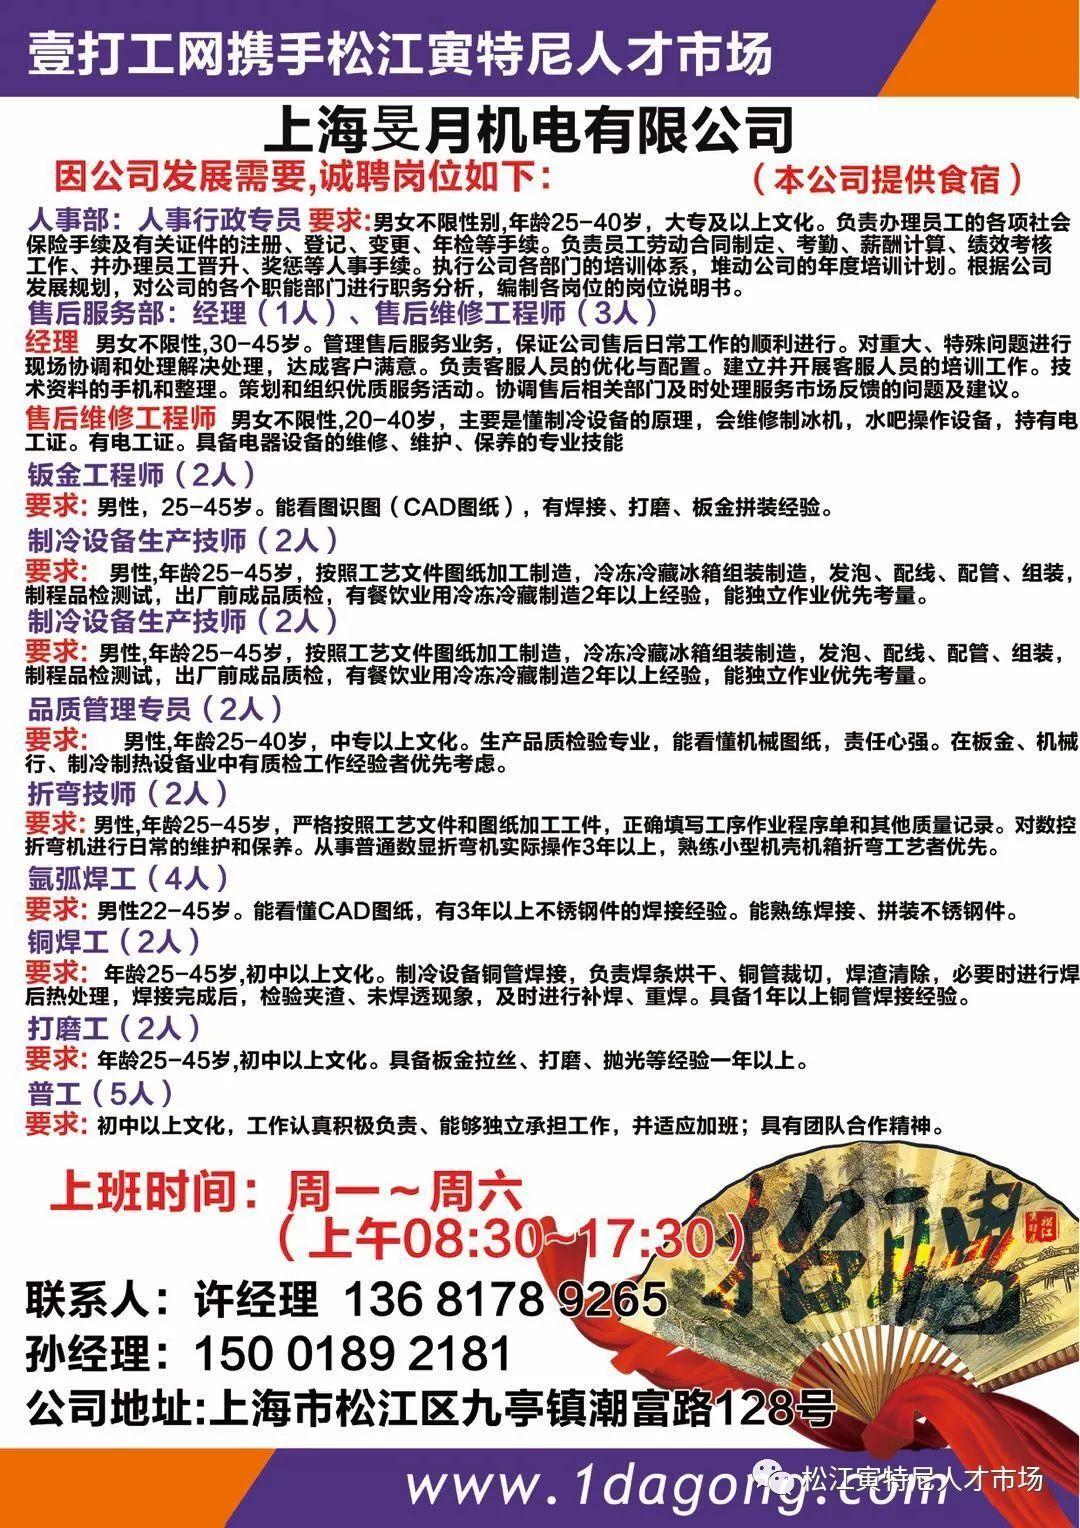 招聘临时工10名,日薪80-100元_招聘求职_永城人论坛